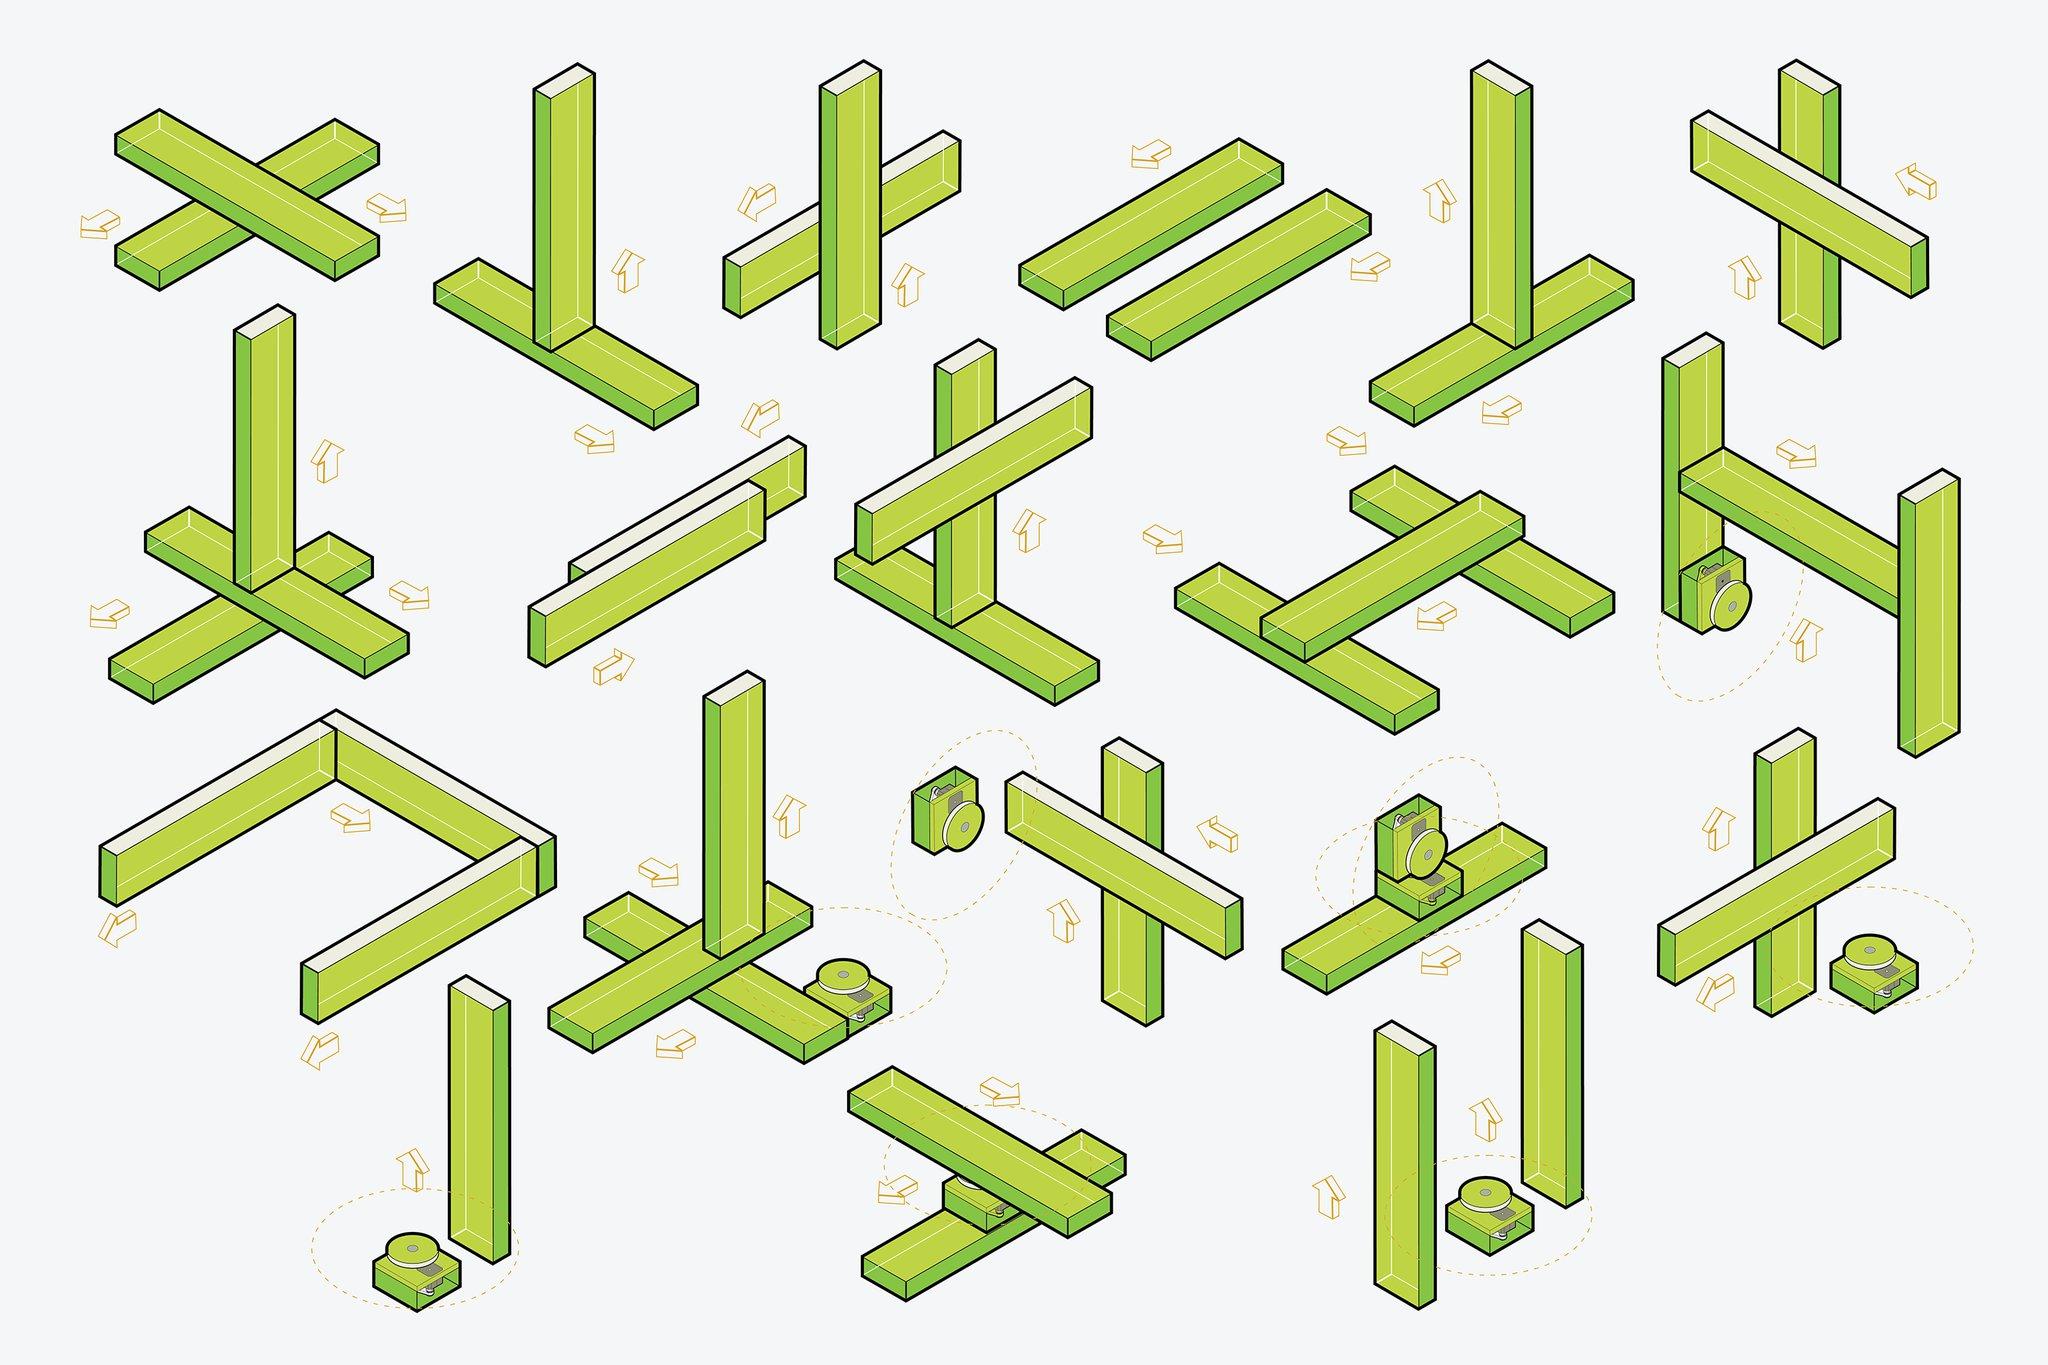 gestalt modular cardboard 2